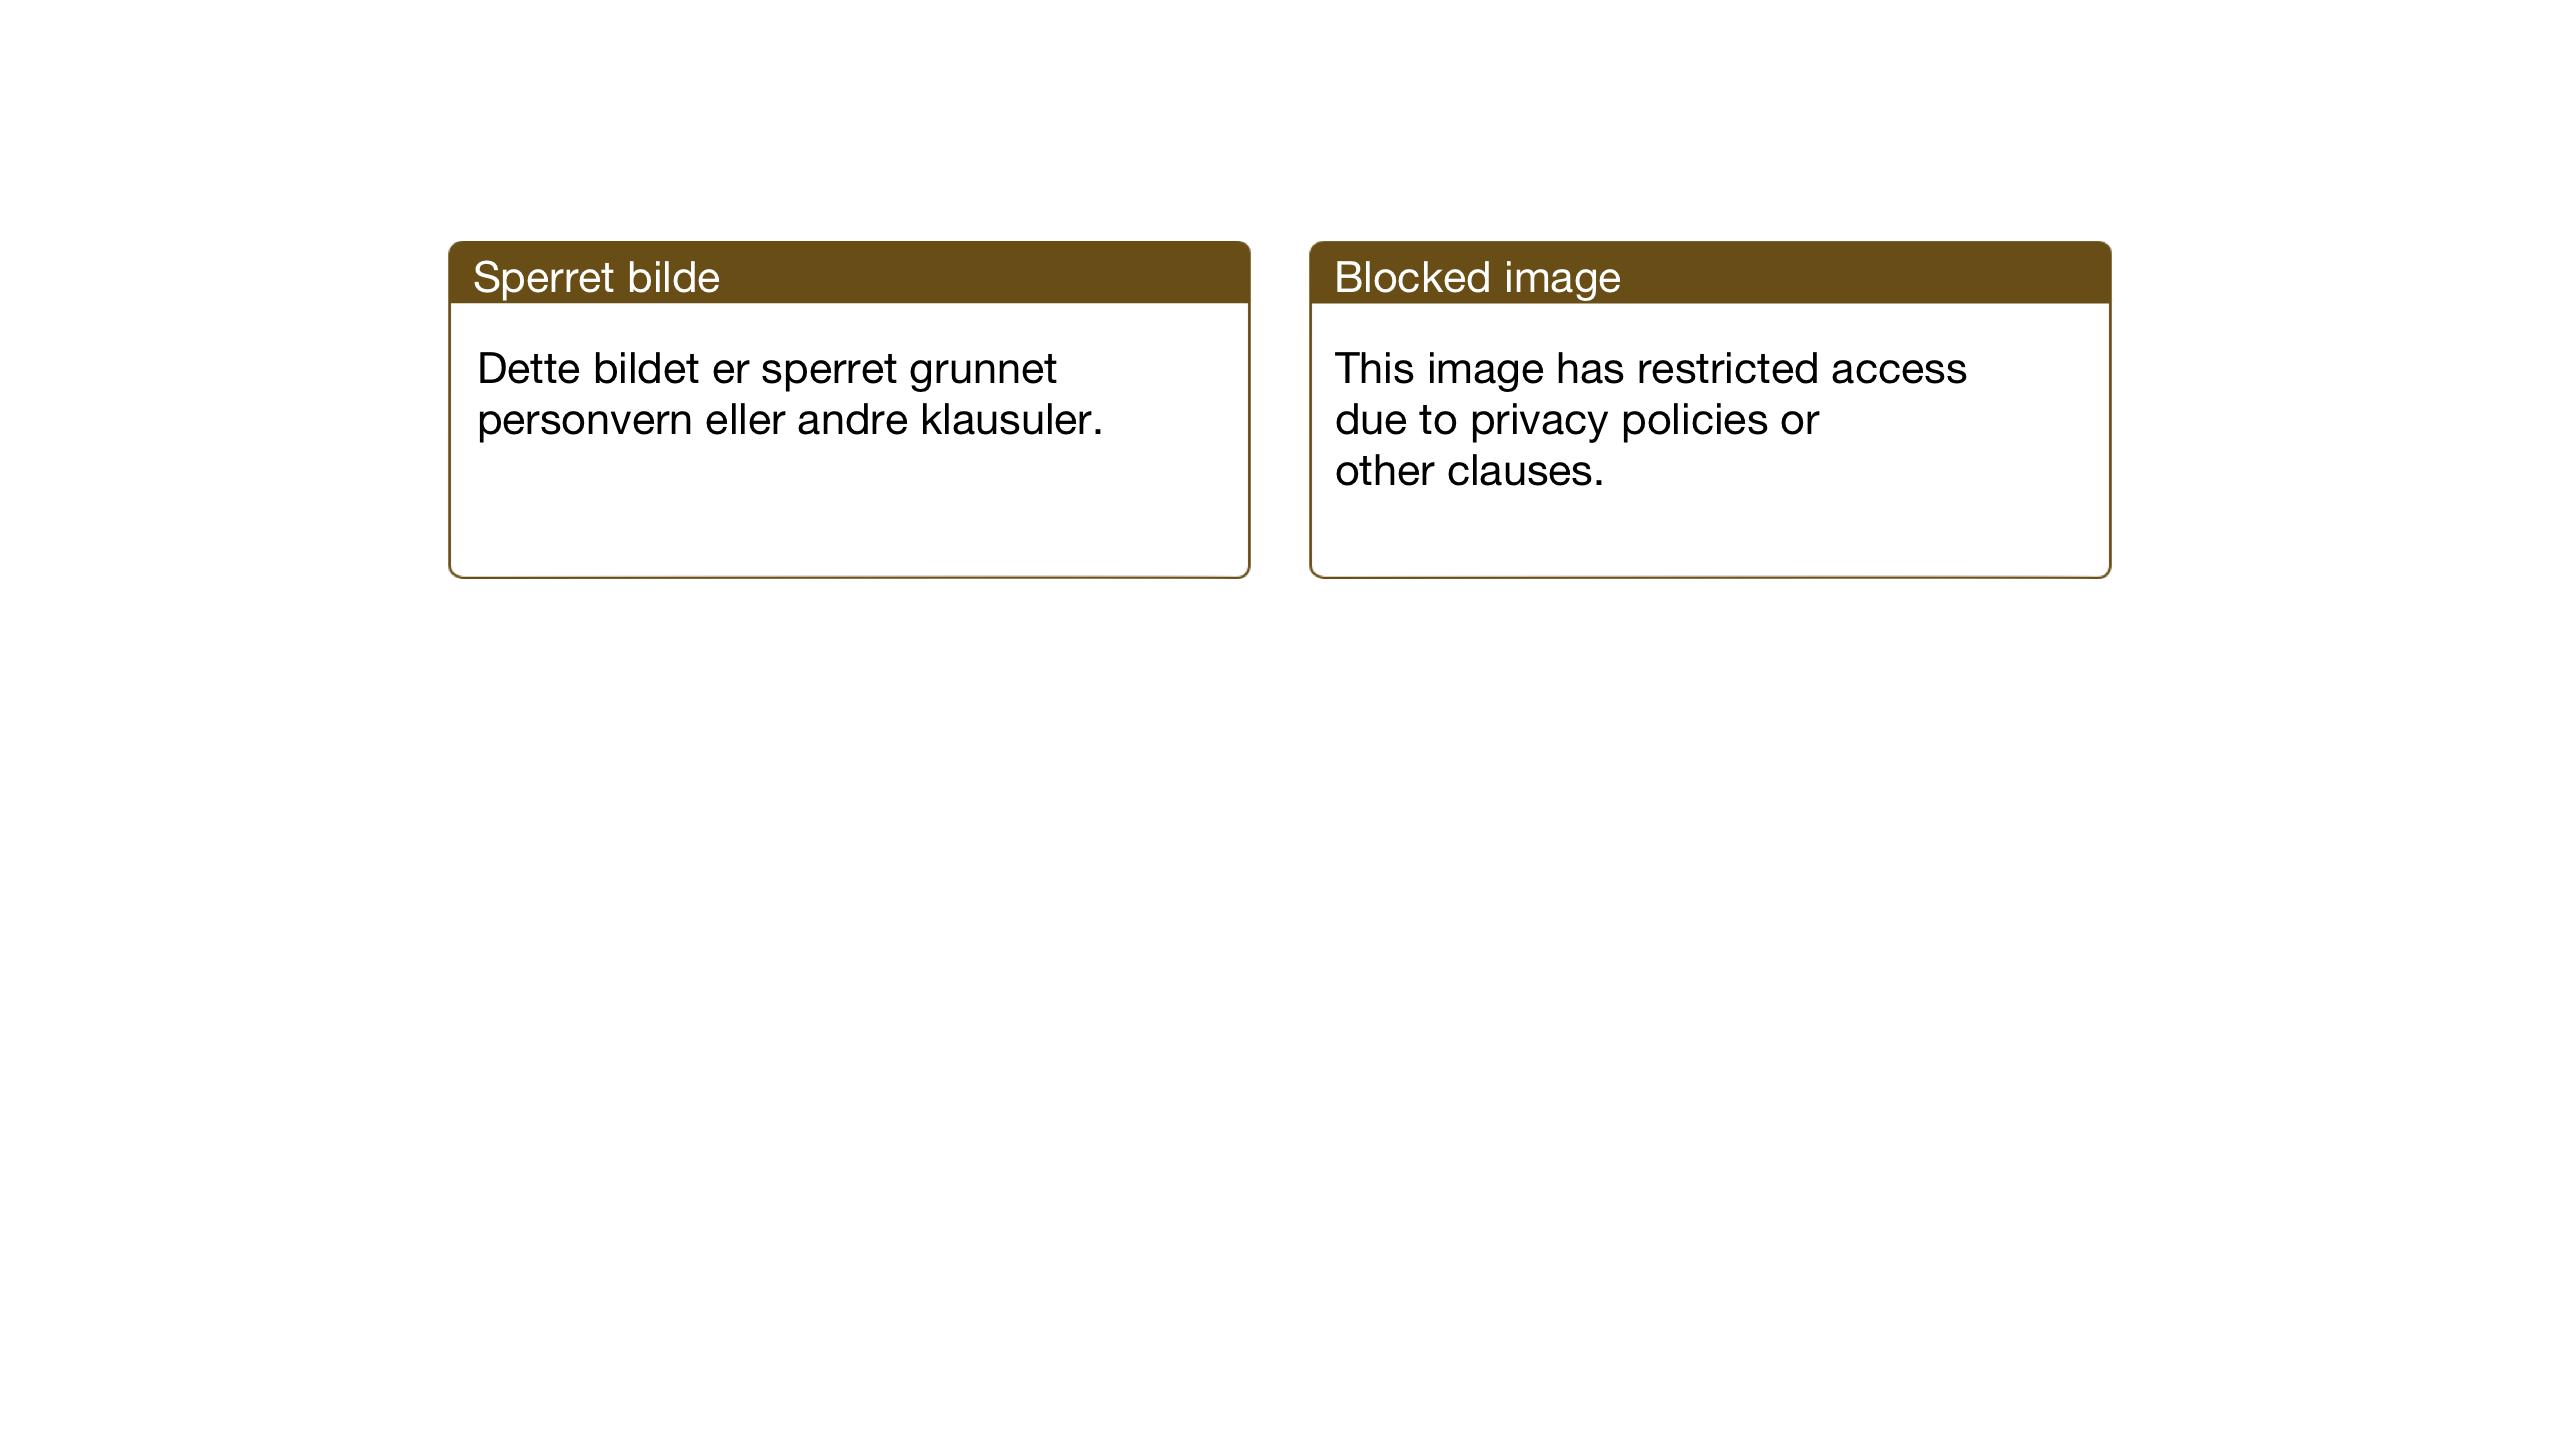 SAT, Ministerialprotokoller, klokkerbøker og fødselsregistre - Sør-Trøndelag, 672/L0866: Klokkerbok nr. 672C05, 1929-1939, s. 36